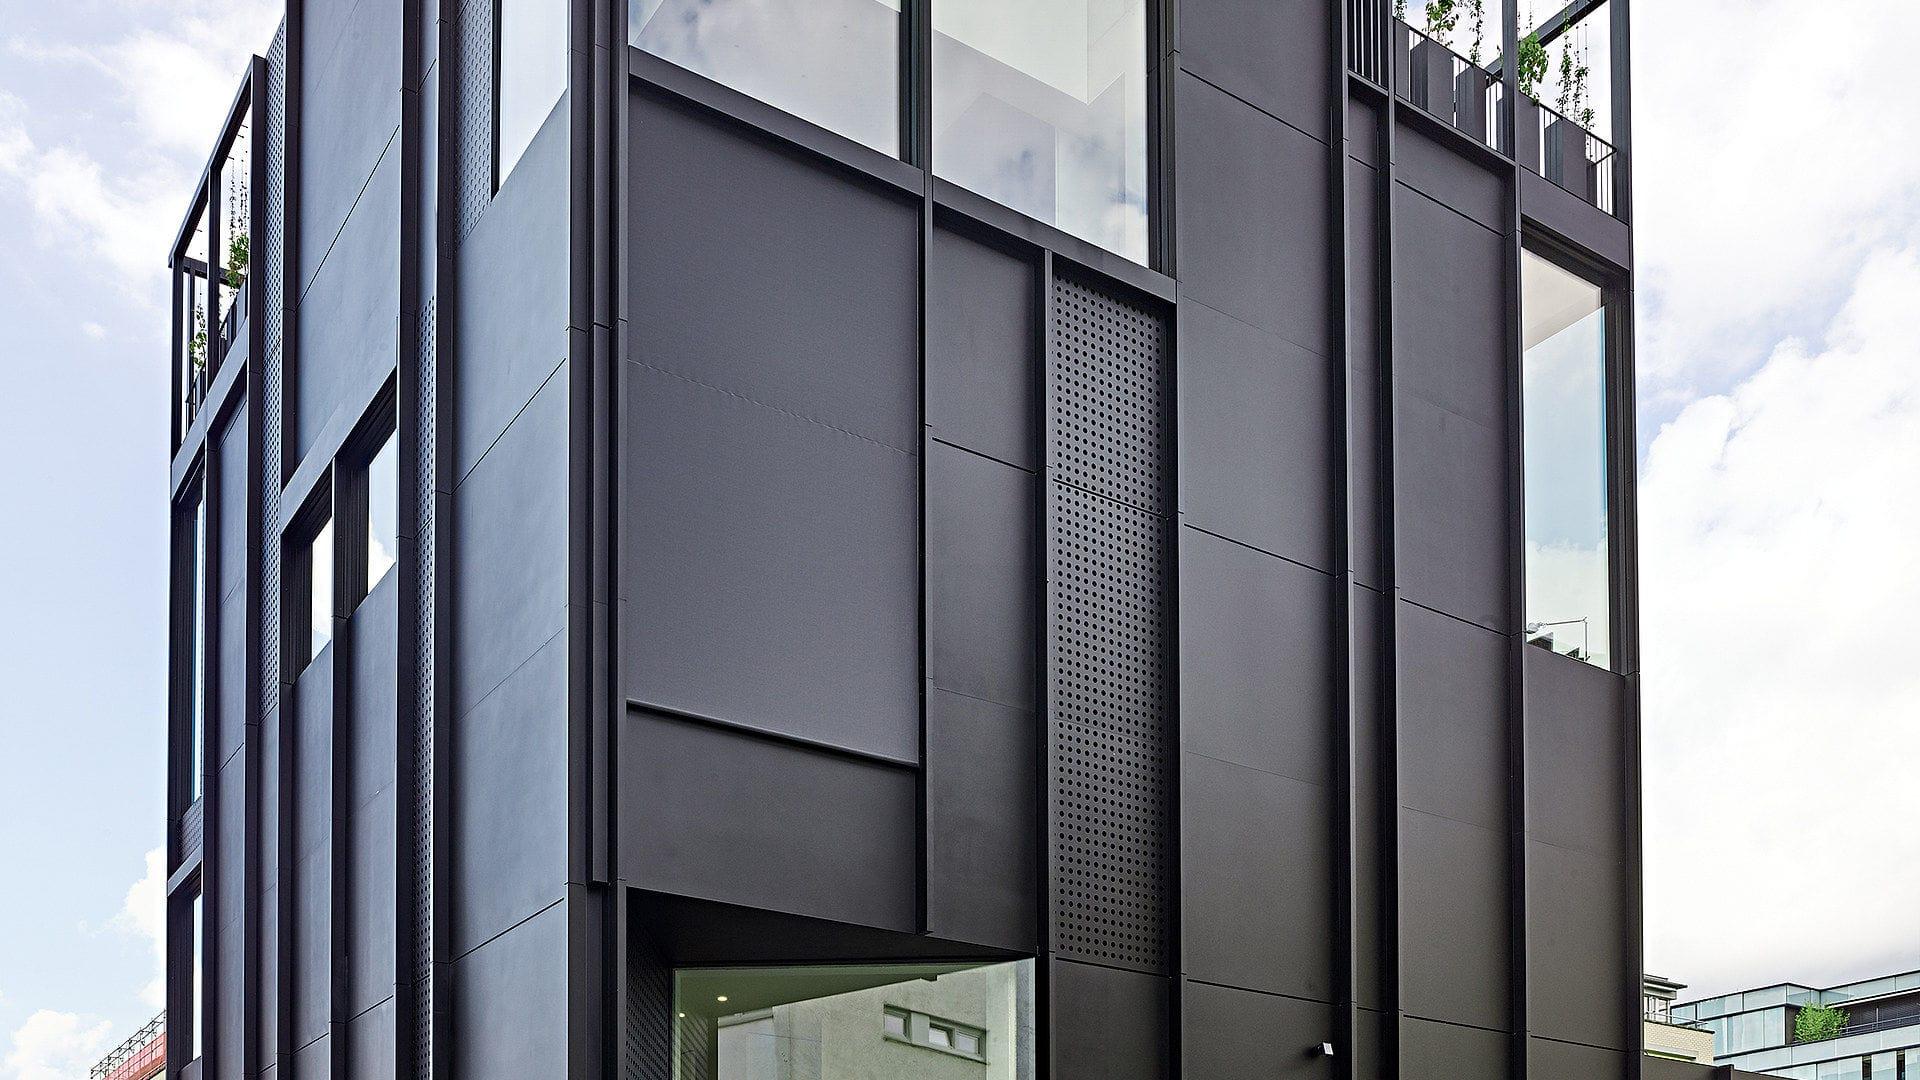 Platten Fassadenverkleidung Rudolfstrasse Air Lux Blech